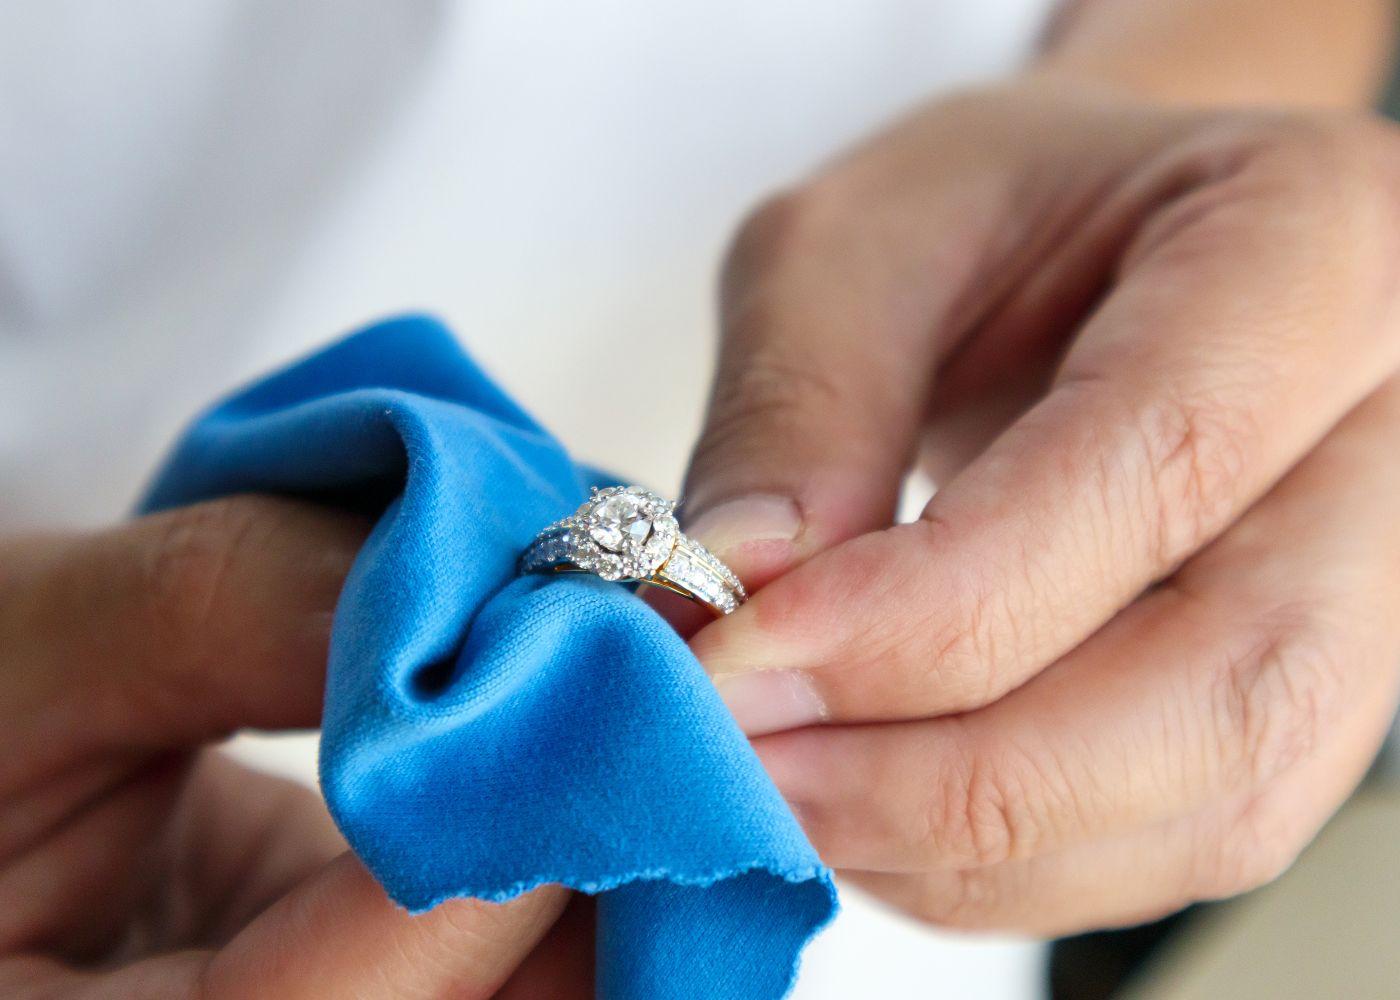 pessoa a limpar anel de prata com flanela